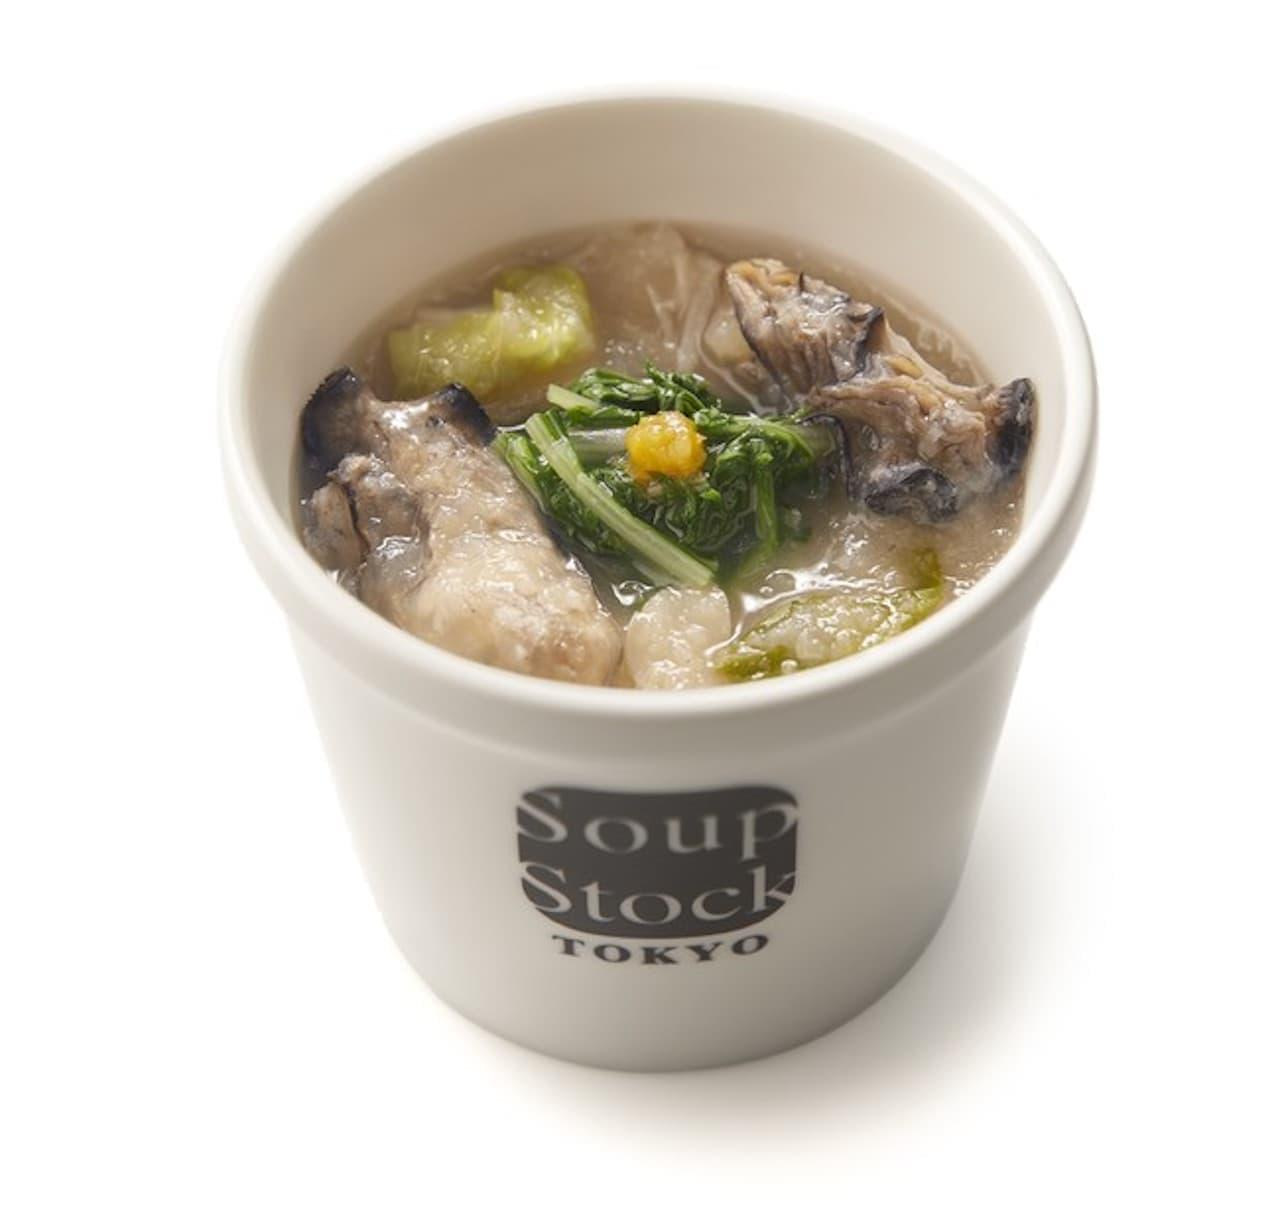 「みをつくしのスープ 牡蠣の潮煮みぞれ仕立て」スープストックトーキョーから